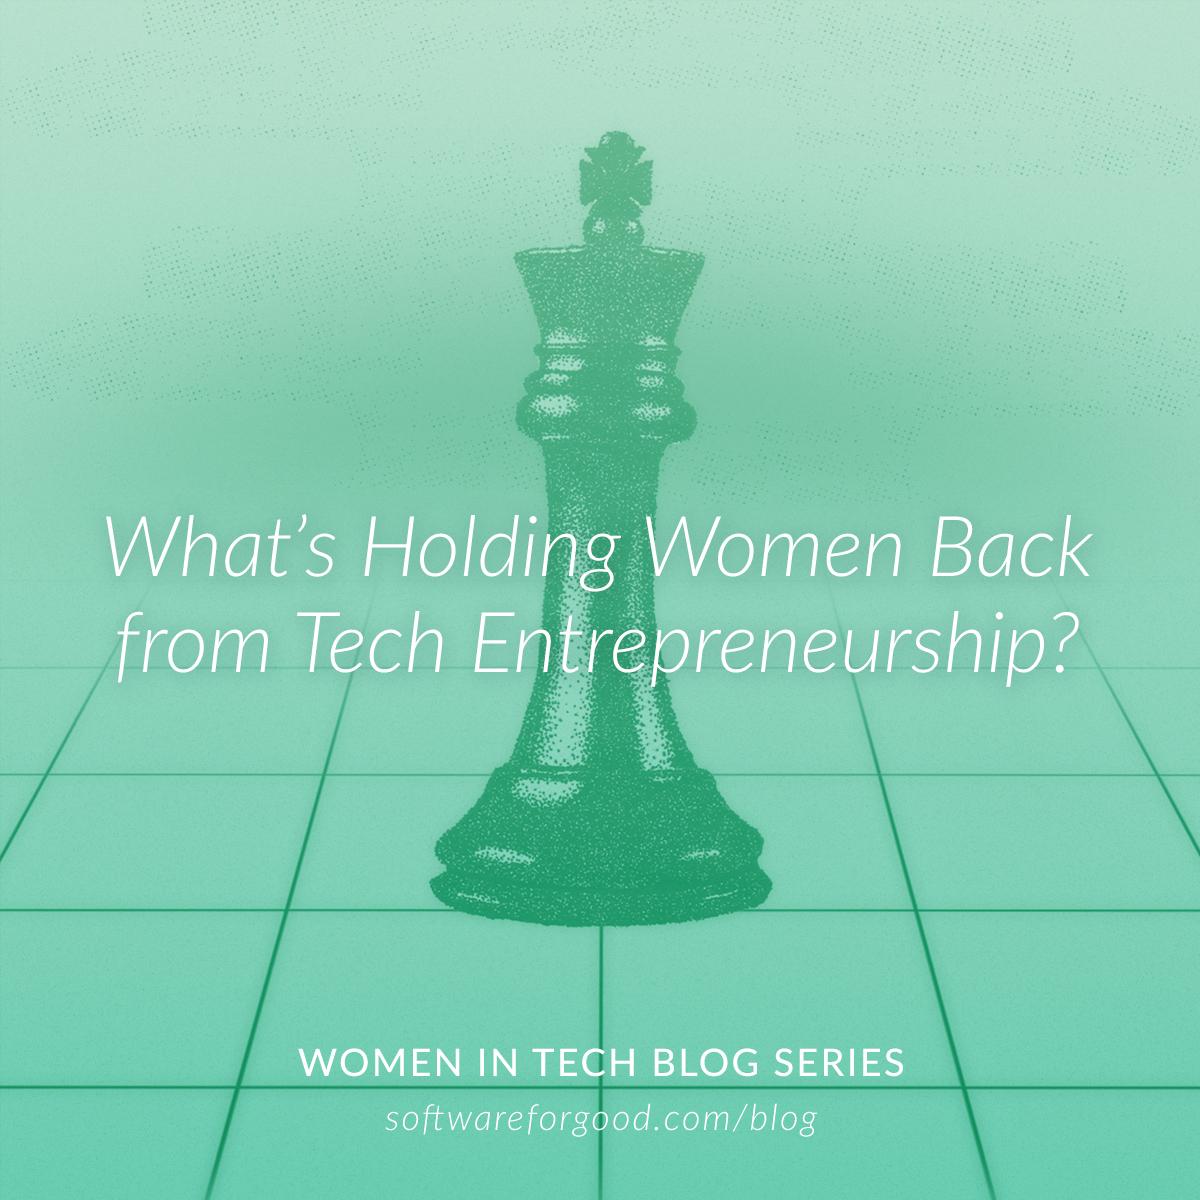 What's Holding Women Back from Tech Entrepreneurship?